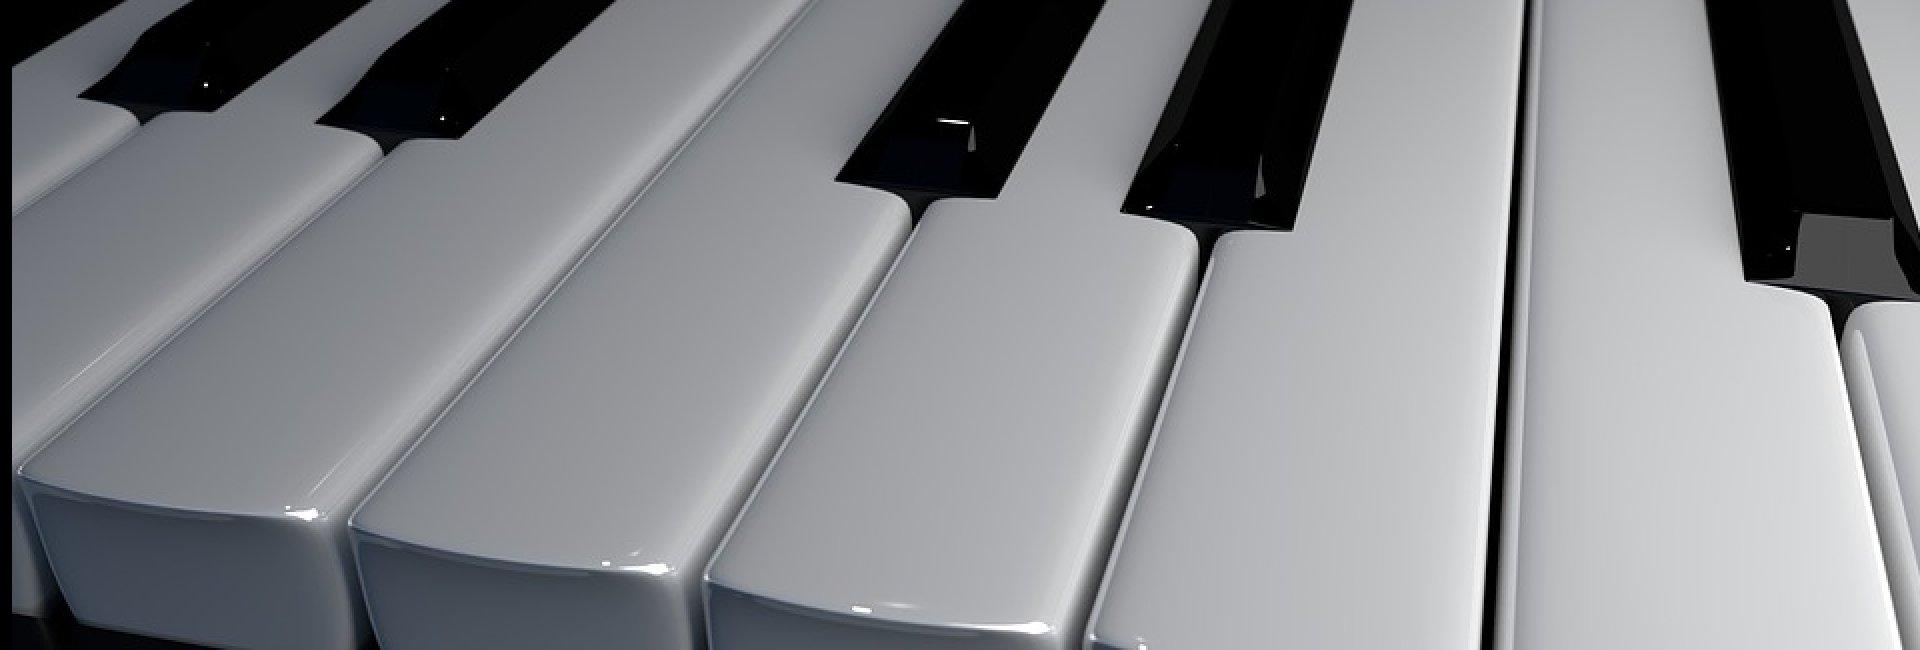 eindelijk weer pianospelen